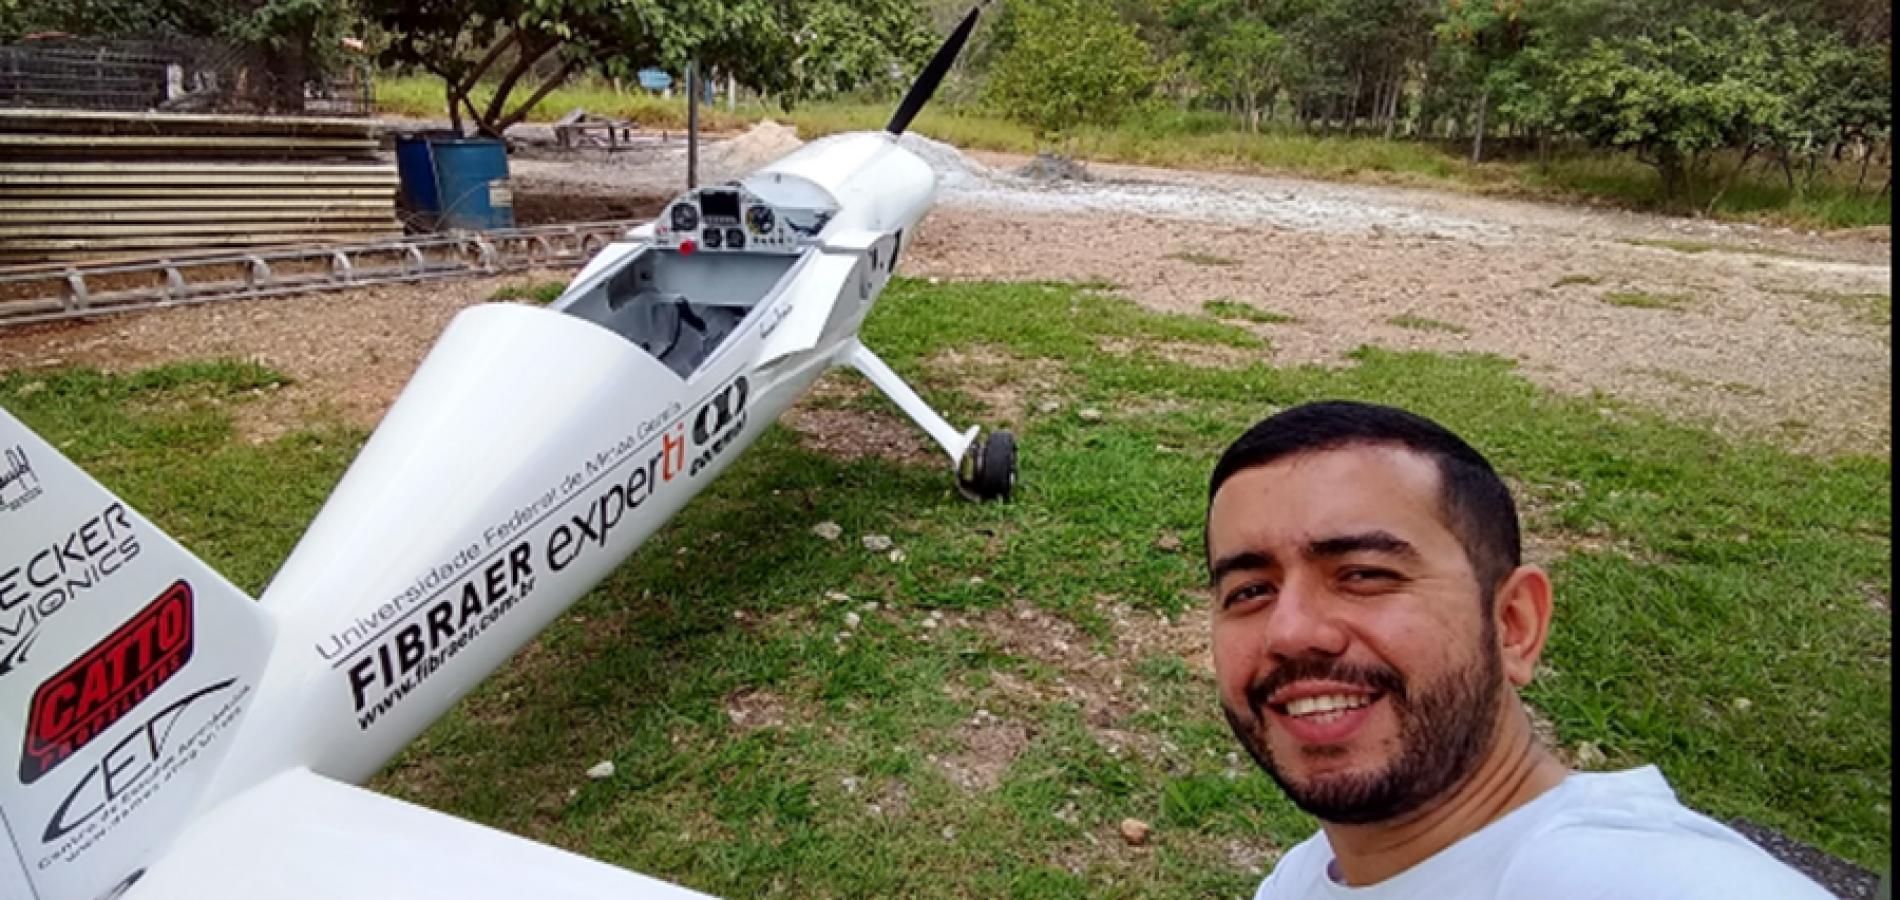 Pesquisador piauiense desenvolve protótipo de avião com propulsão elétrica